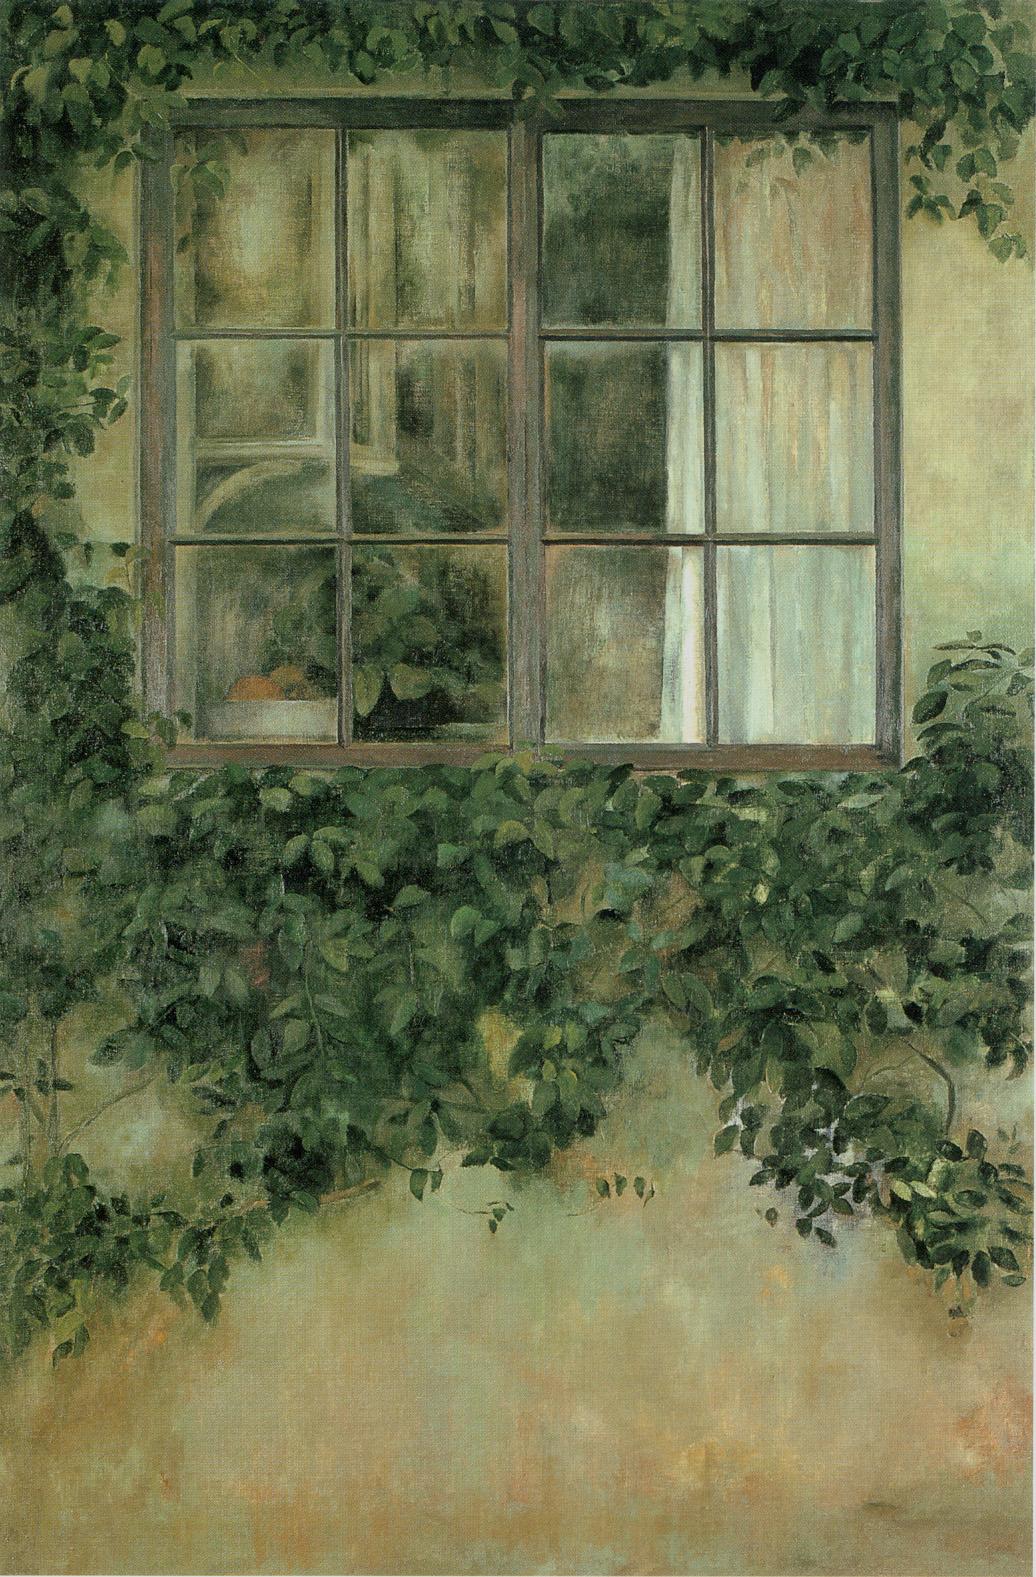 Teresa Duclós. La ventana de detrás, 1981